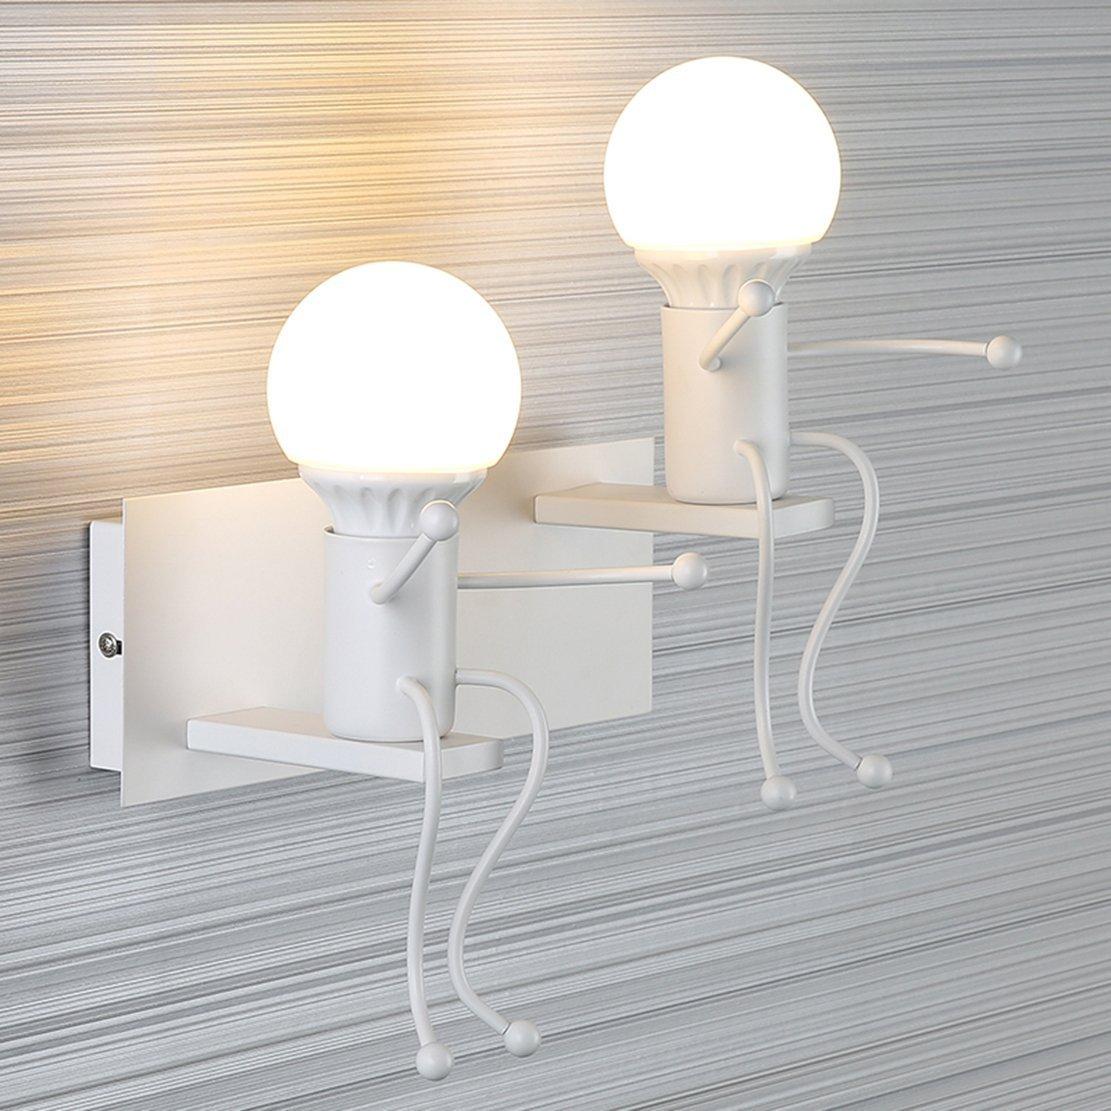 FSTH Créatifs Applique Murale Rétro Fer Vintage Lampe murale Moderne Individuels Applique Métal Lampe pour Bar, Chambre à Coucher, Cuisine, Restaurant, Café, Couloir E27 (Noir-2)